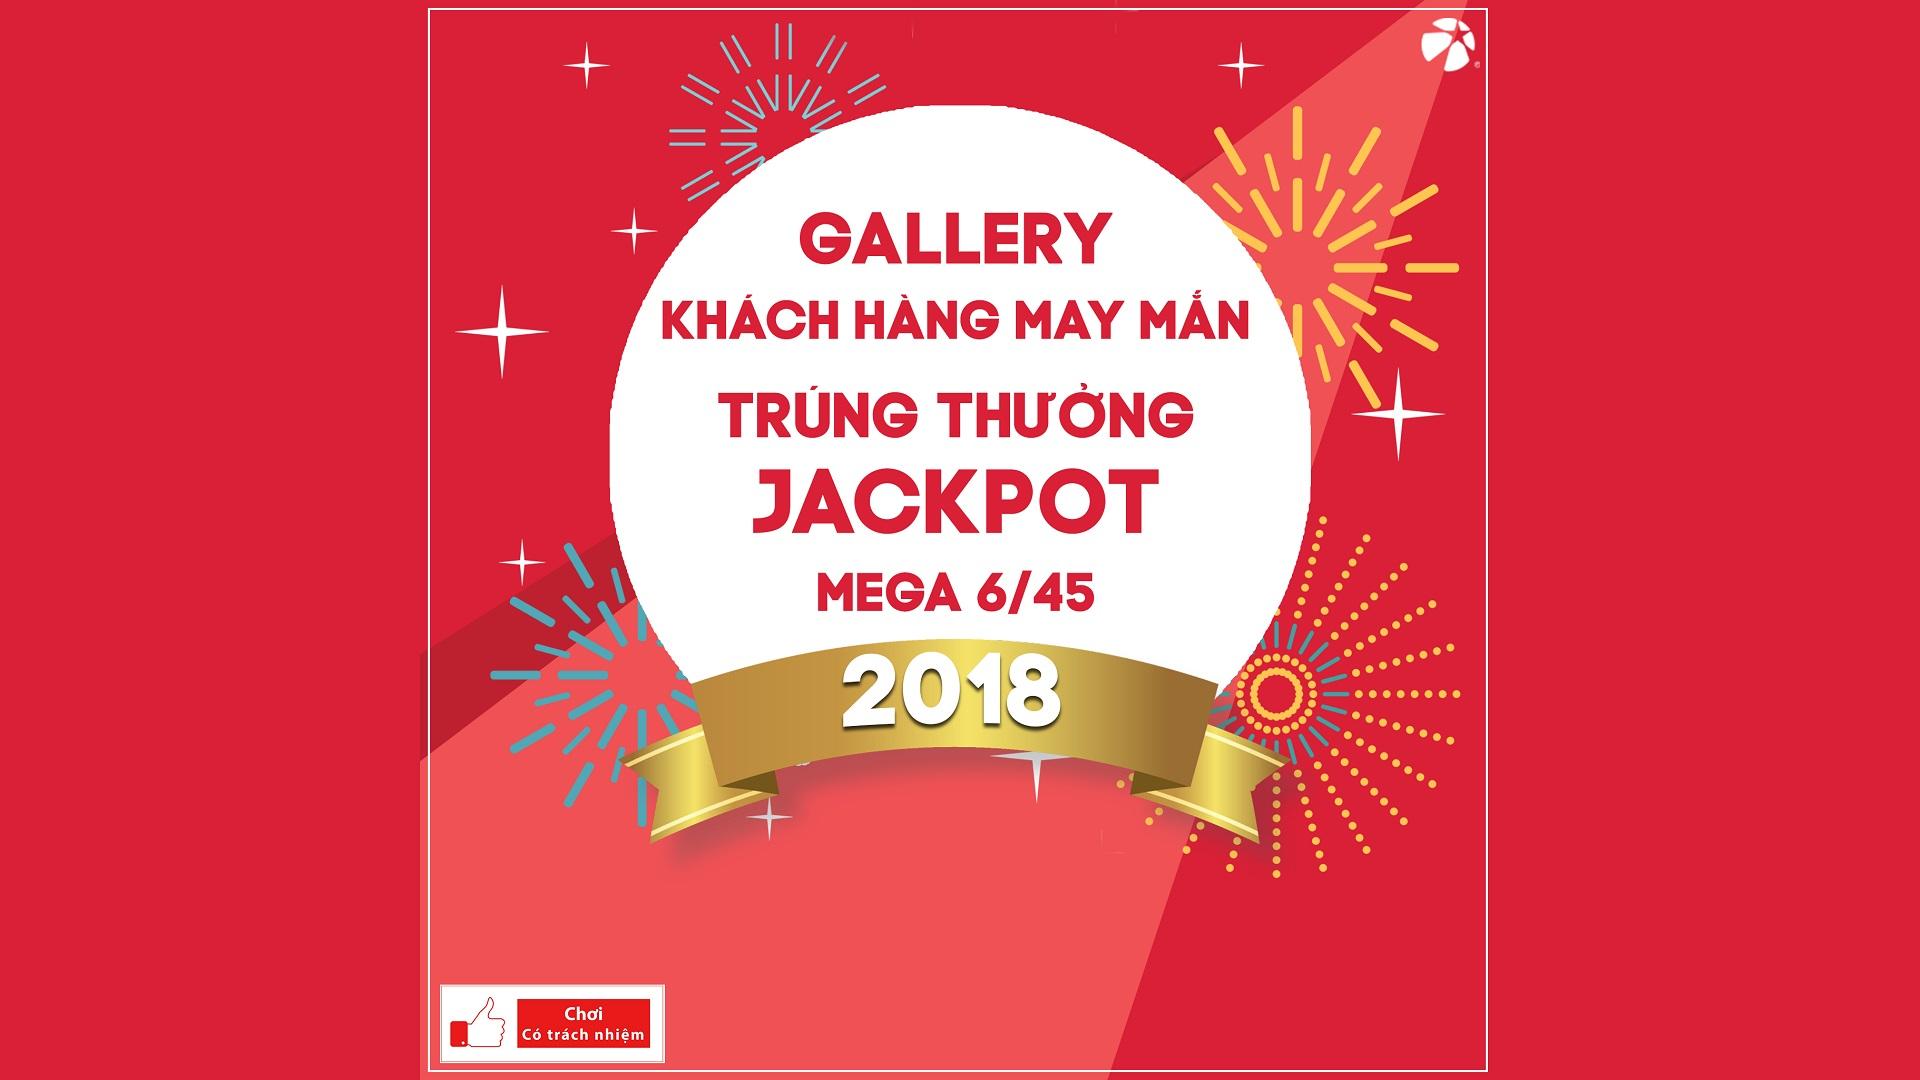 Gallery khách hàng may mắn trúng thưởng Jackpot Mega 6/45 - 2018